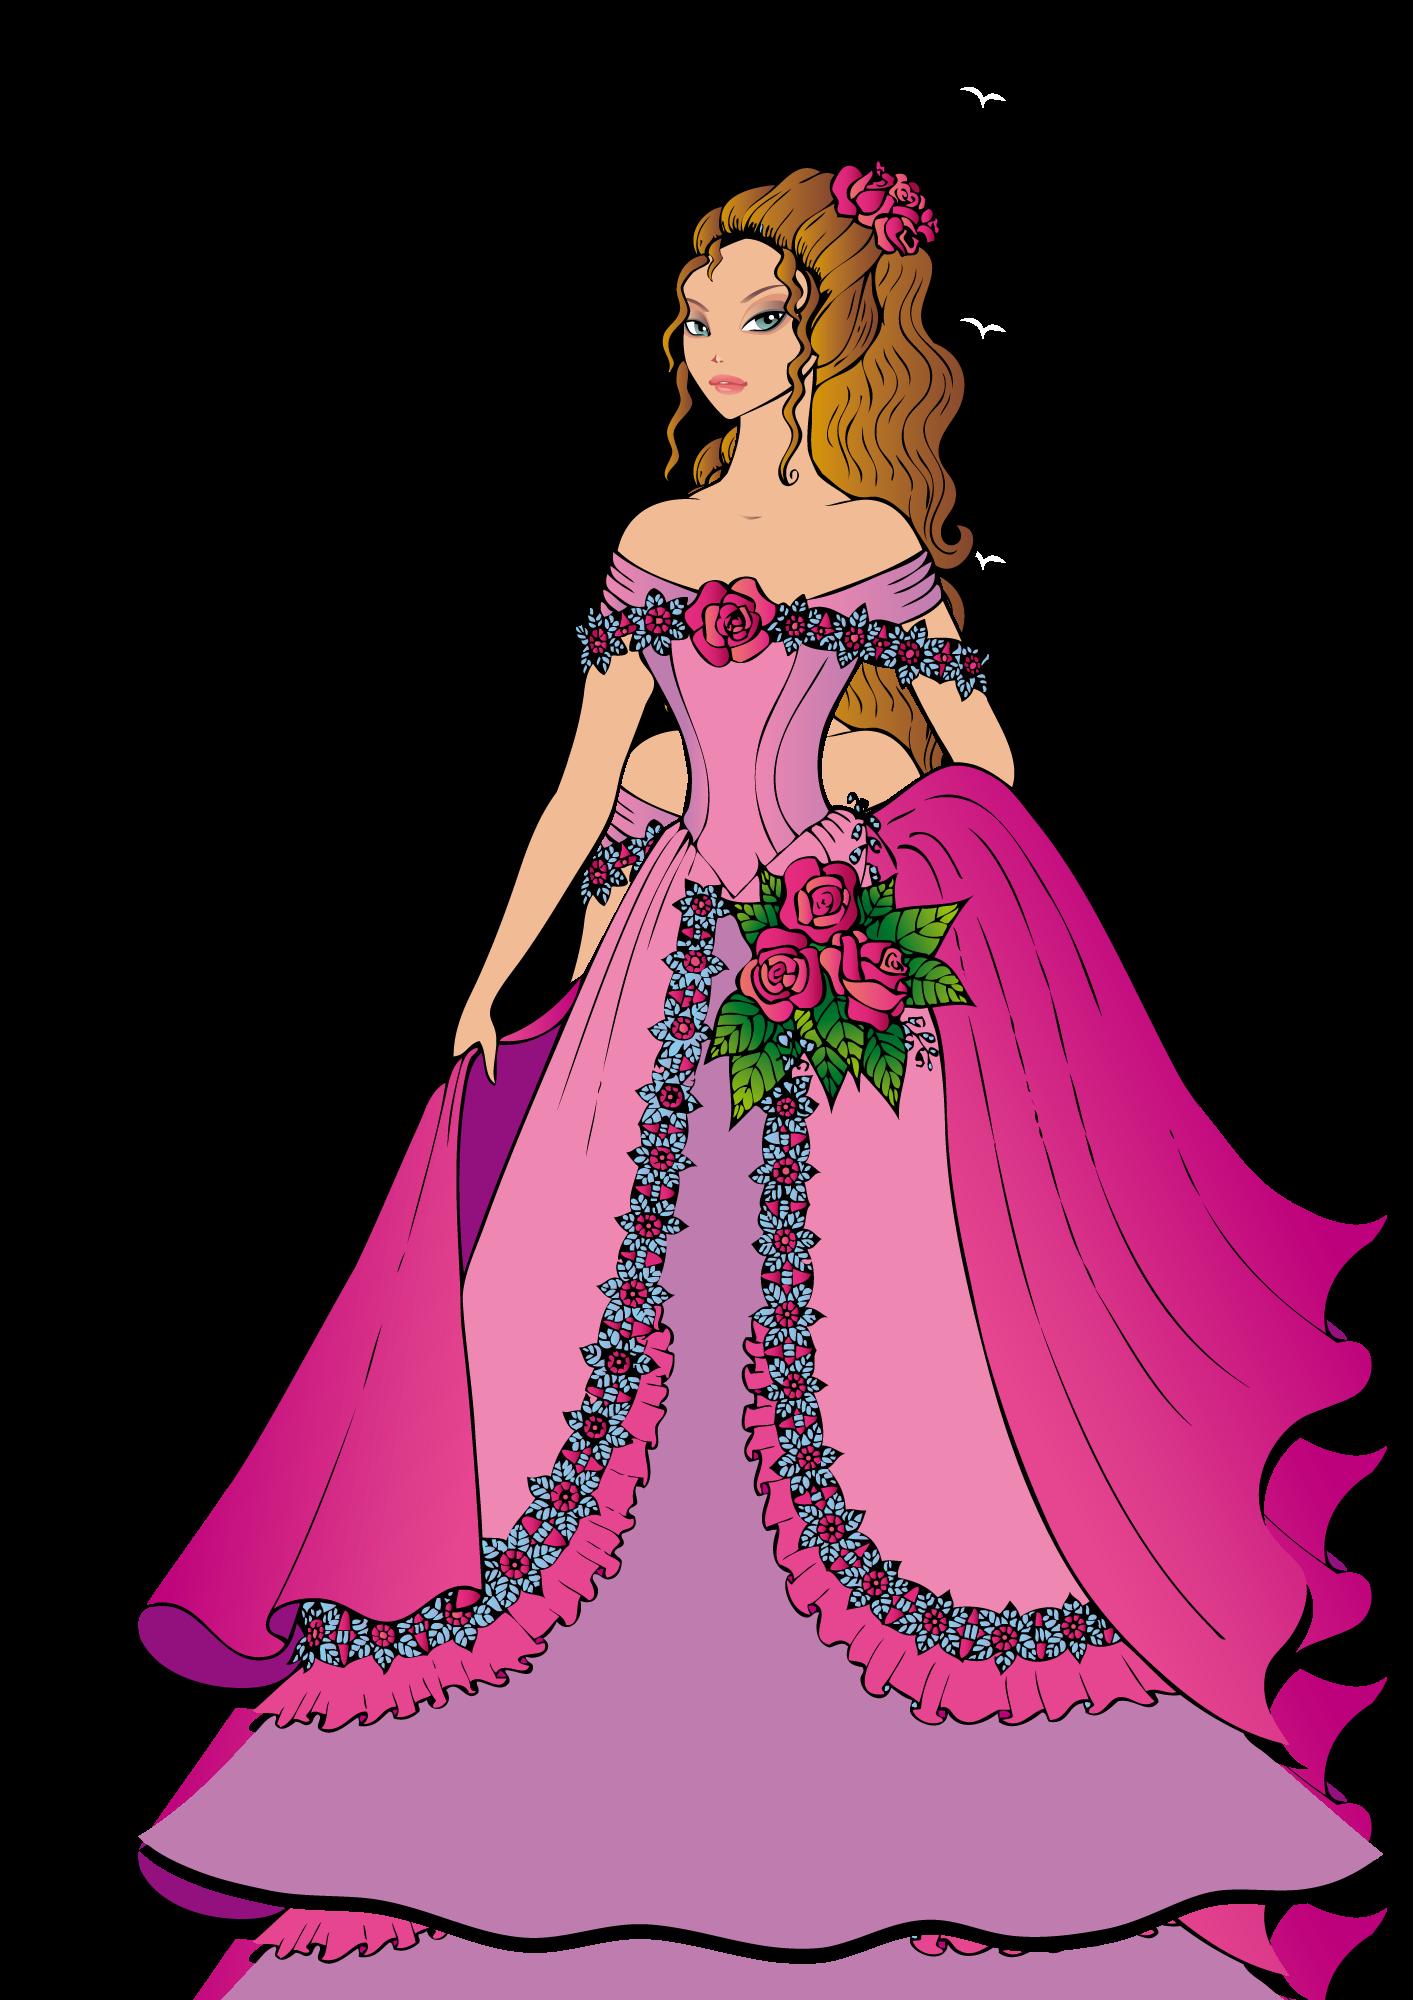 Coloriage princesse gratuit imprimer et colorier - Image de princesse disney ...